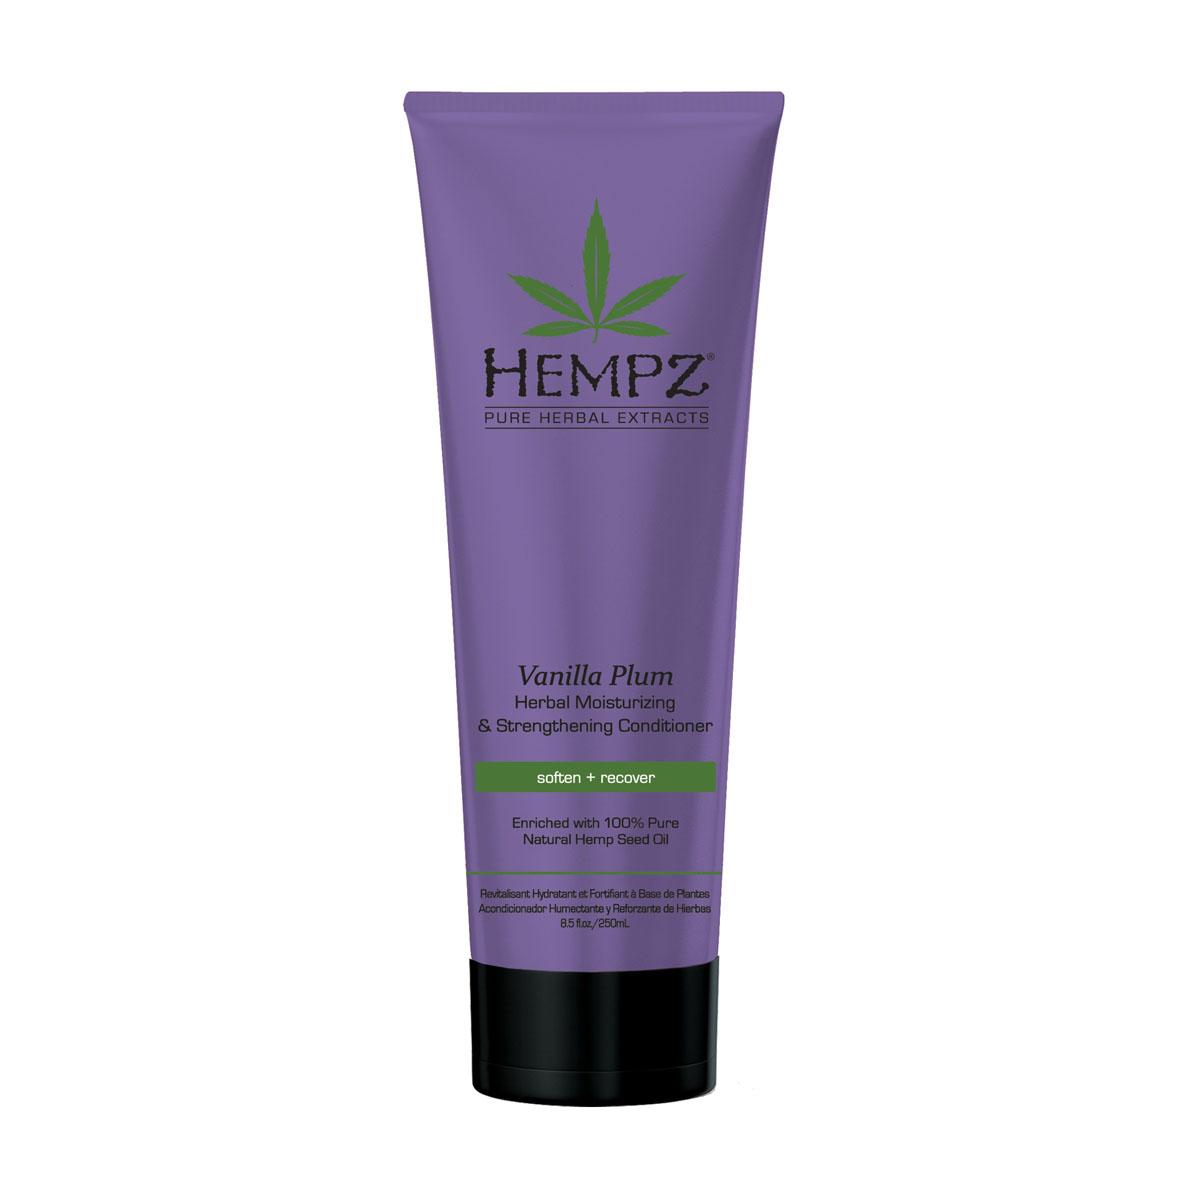 Hempz Кондиционер растительный увлажняющий и укрепляющий Ваниль и Слива Vanilla Plum Herbal Conditioner 265 мл120-2436-03Кондиционер средней степени увлажнения для ослабленных волос. Кондиционер заряжает Ваши волосы энергией, возвращает мягкость и блеск тусклым волосам. Без сульфатов для максимального сохранения цвета окрашенных волос.